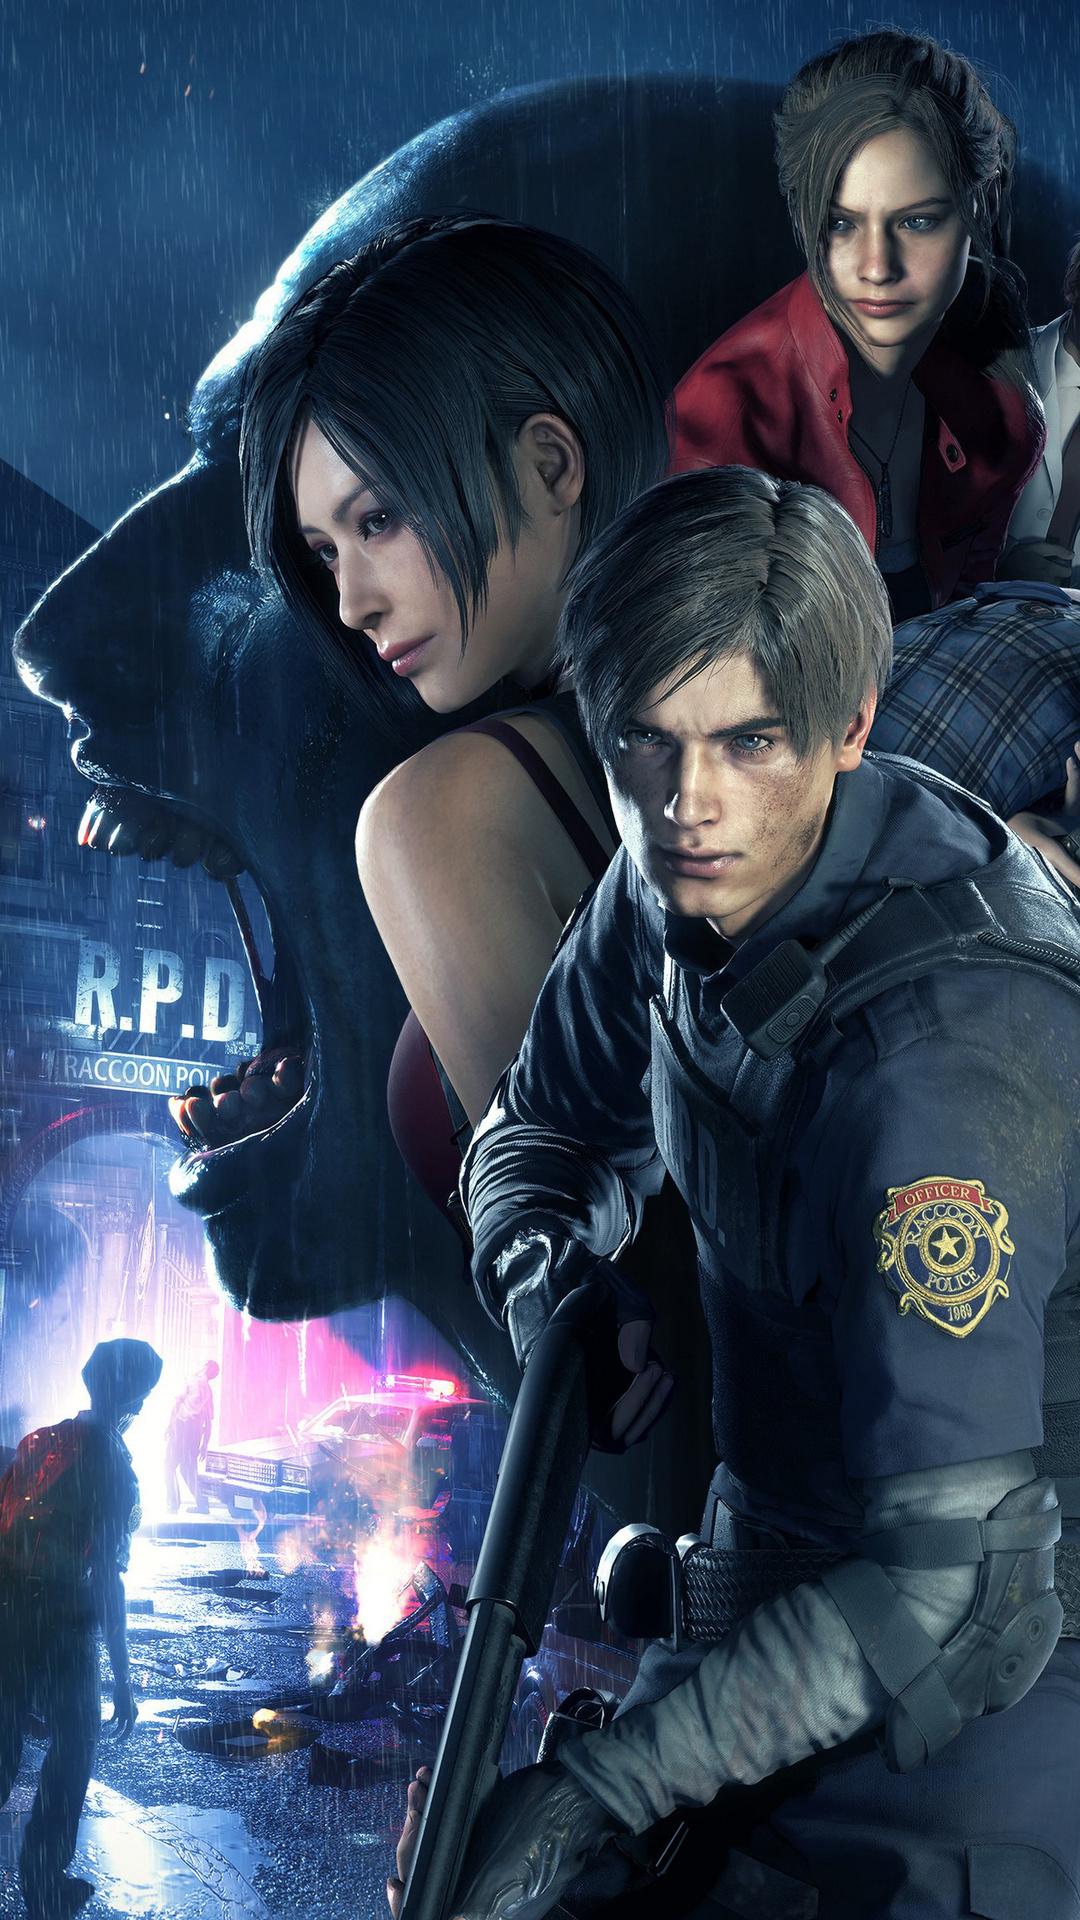 Wallpaper Resident Evil 2, Game, PC, Ps